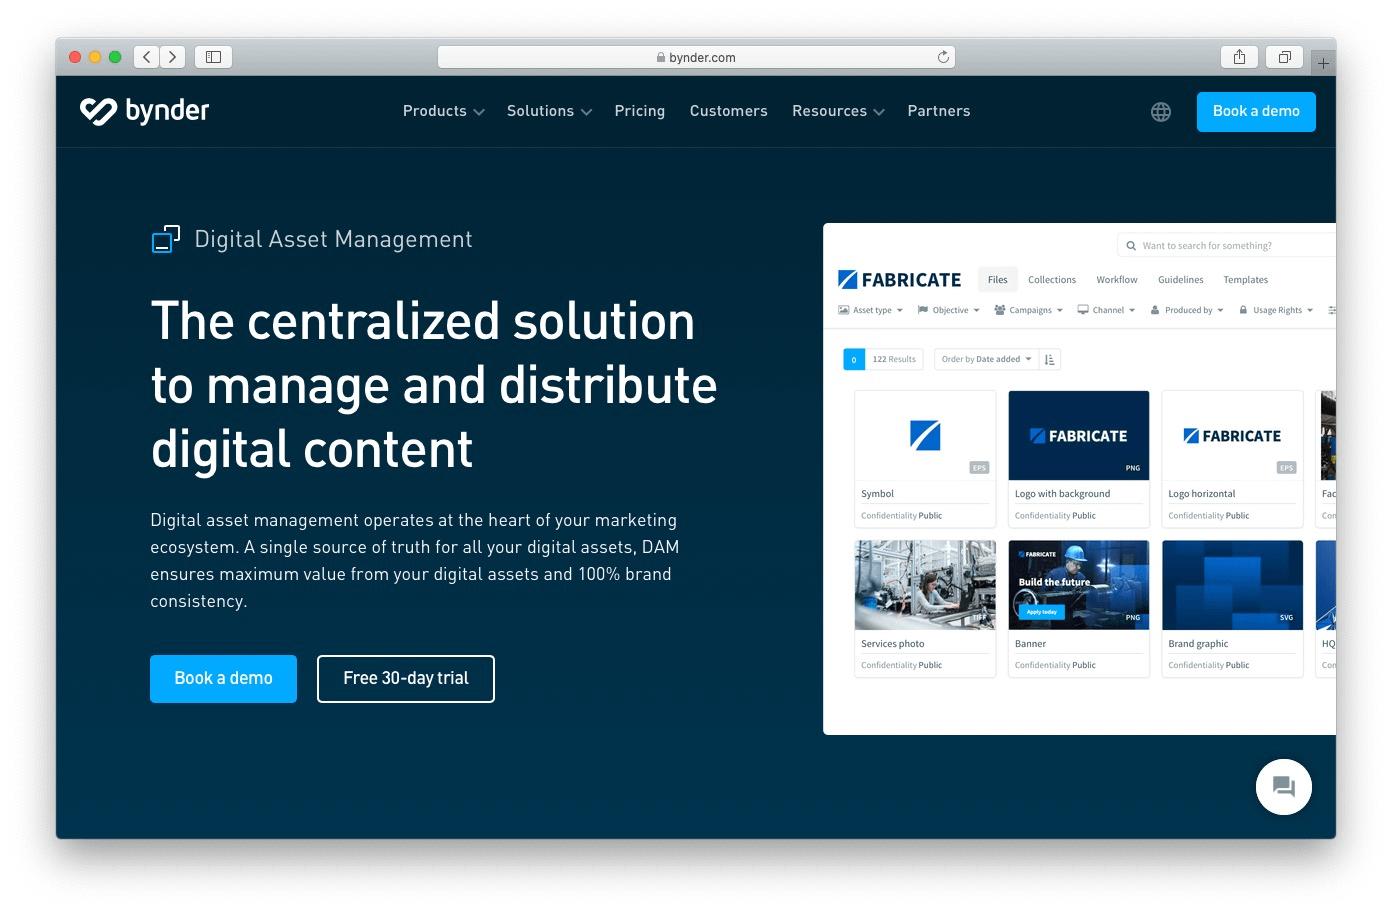 Bynder image management software